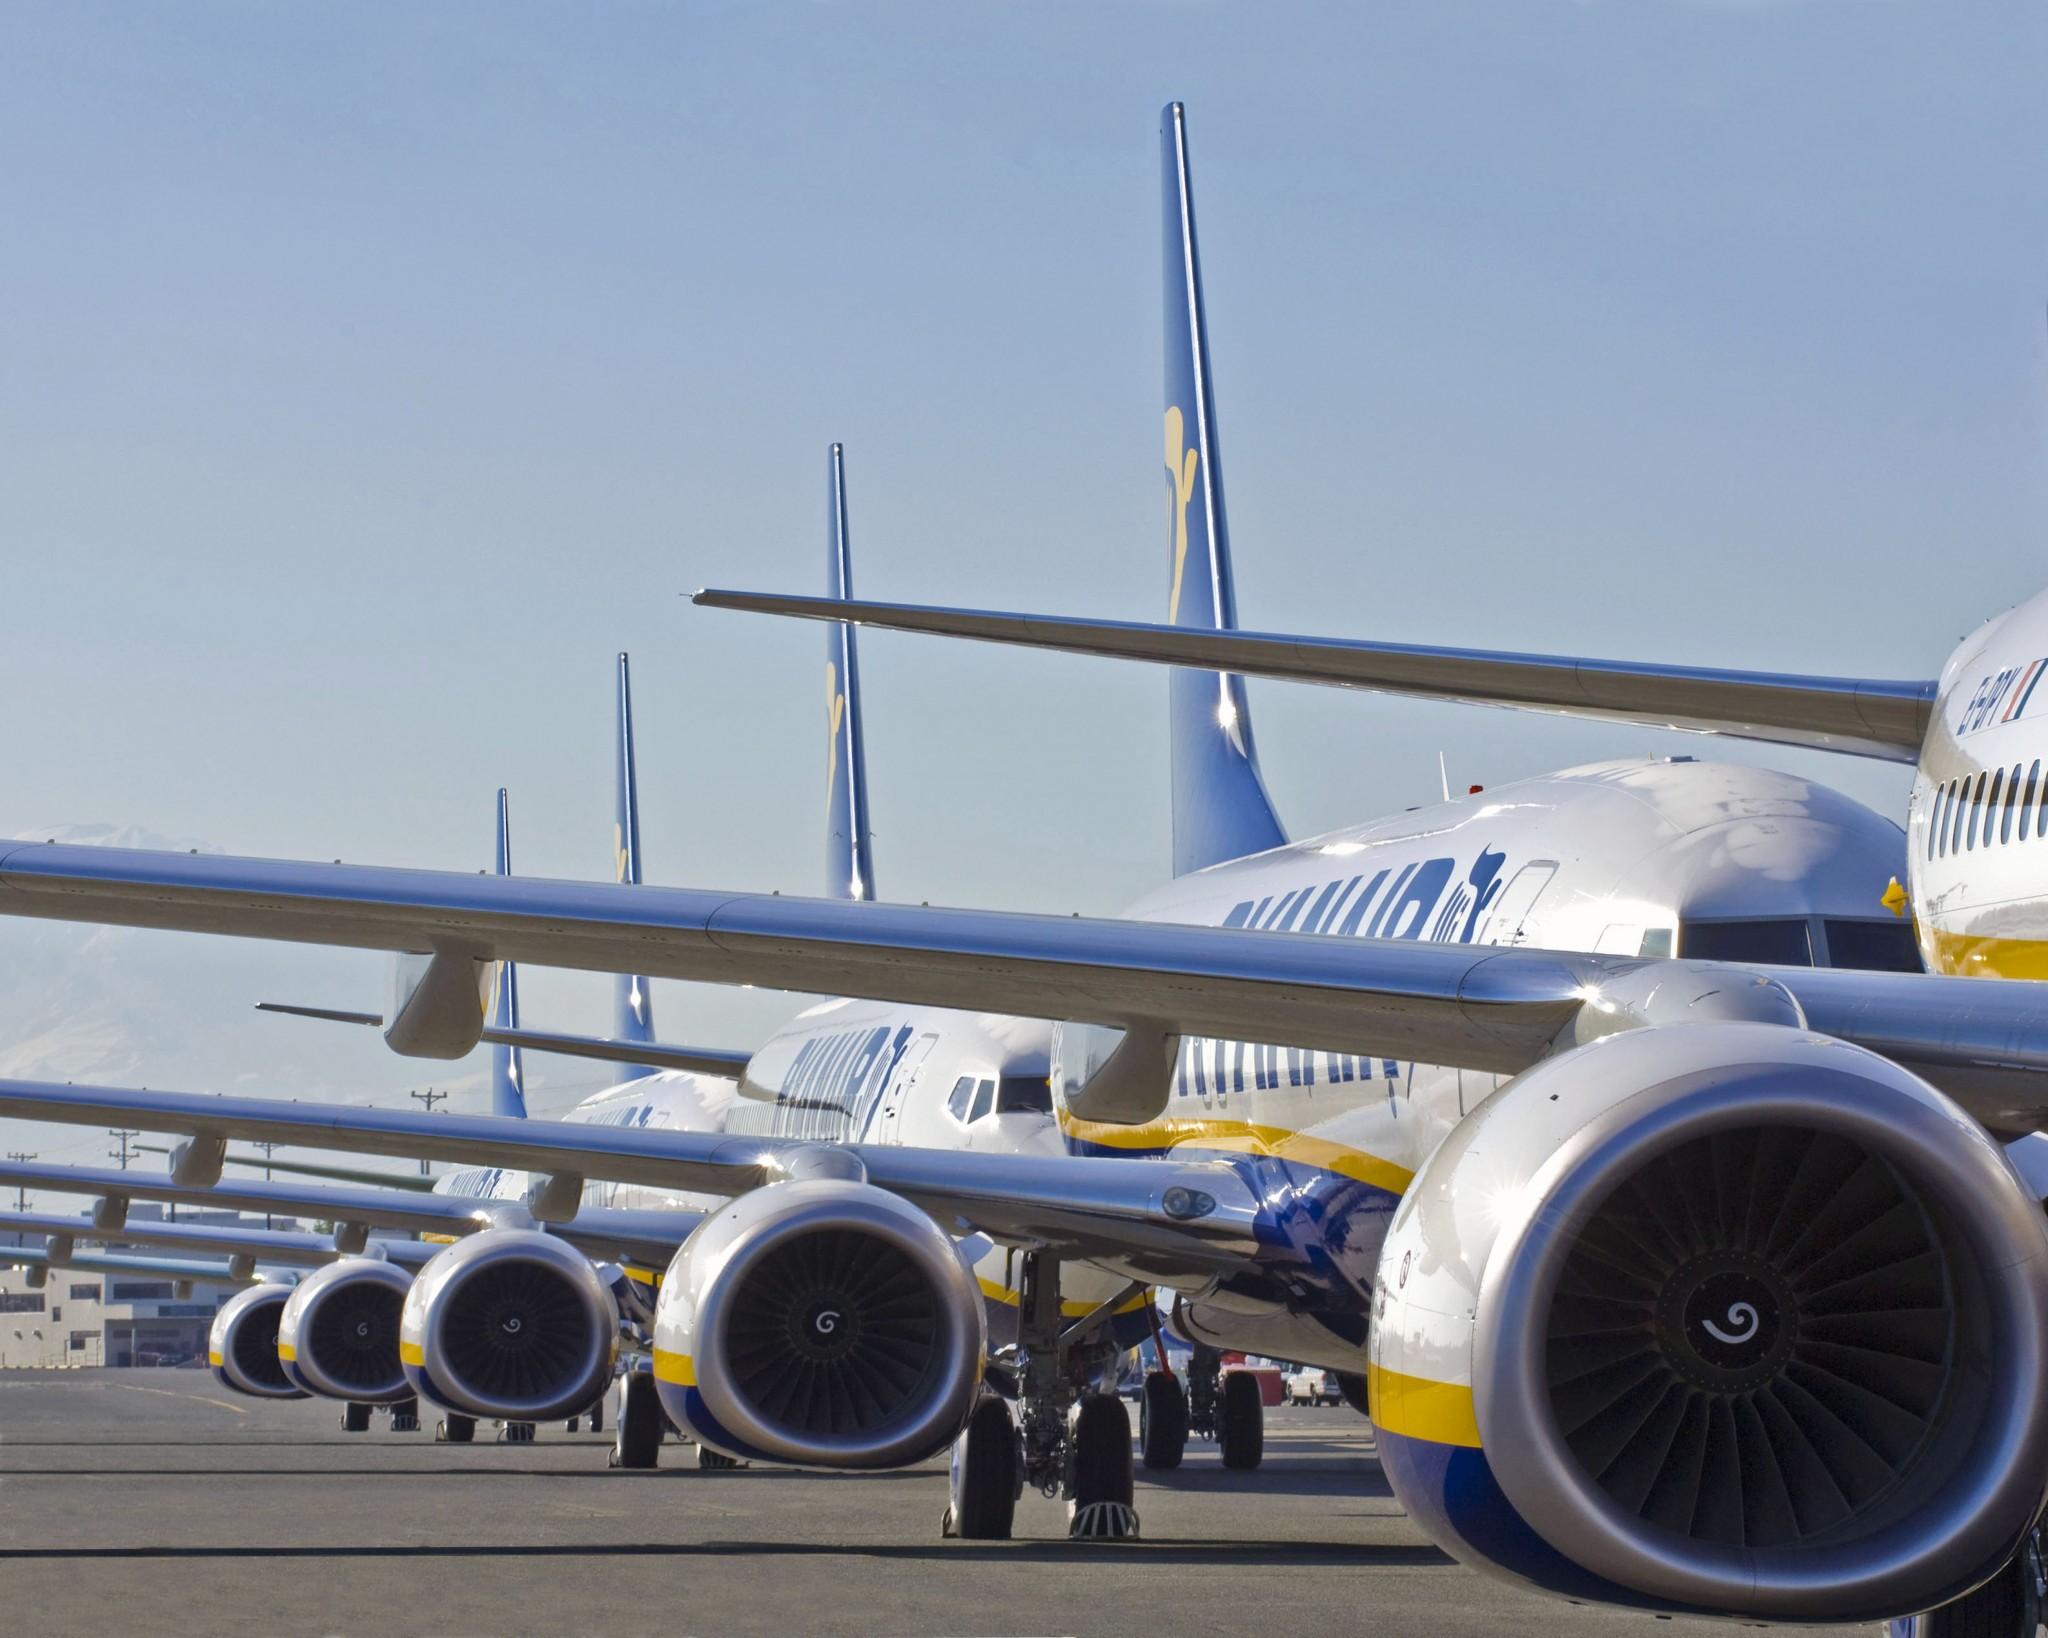 Ryanair 737-800s at Boeing Field